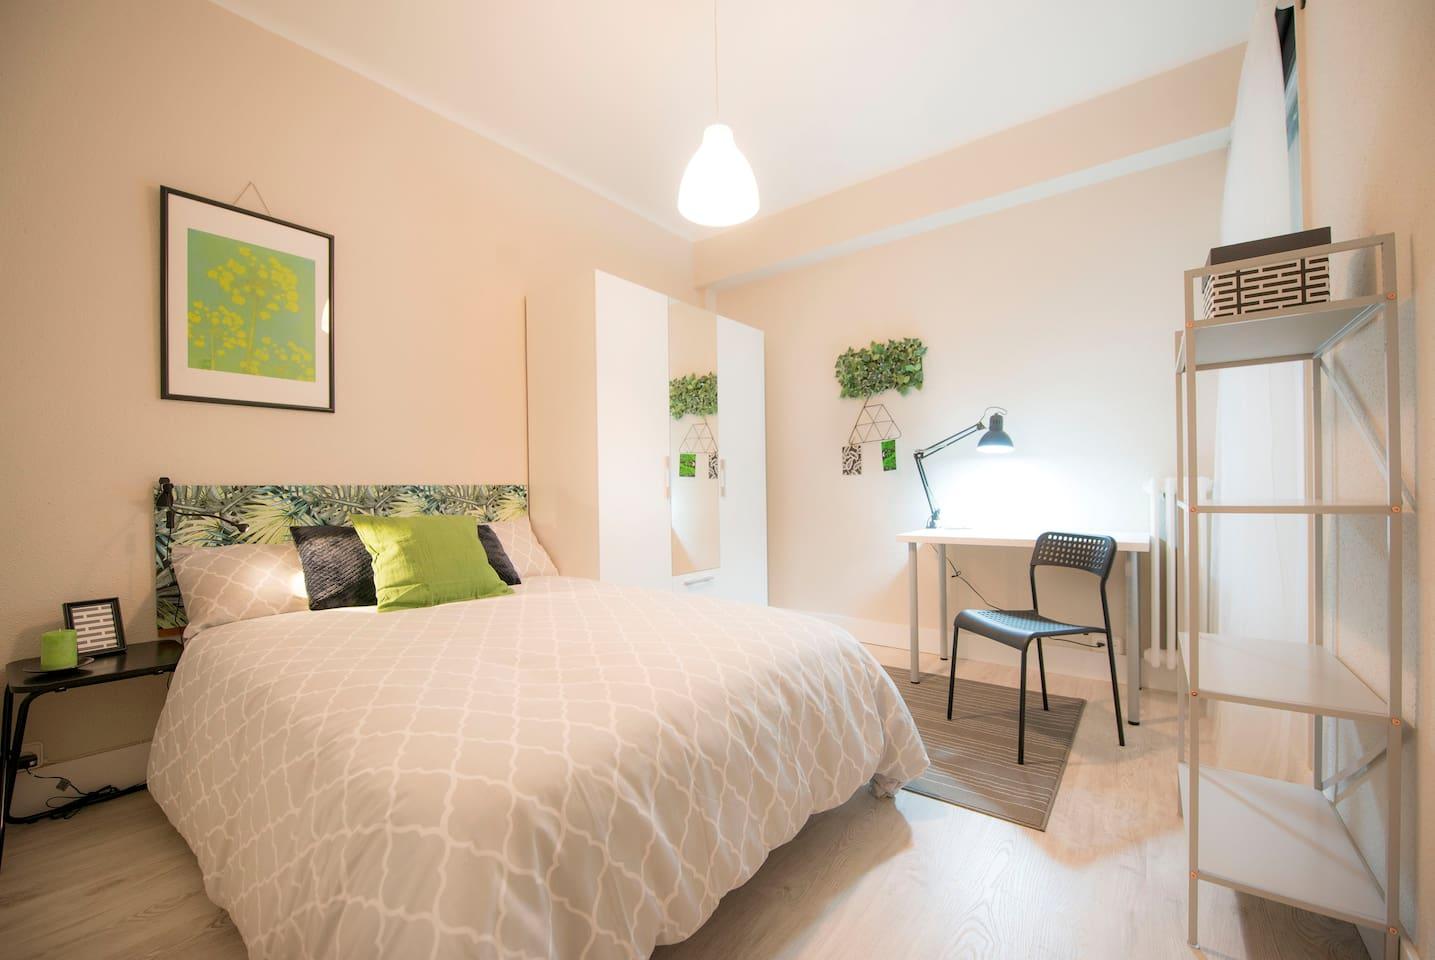 Habitación con cama doble, armario y zona de estudio